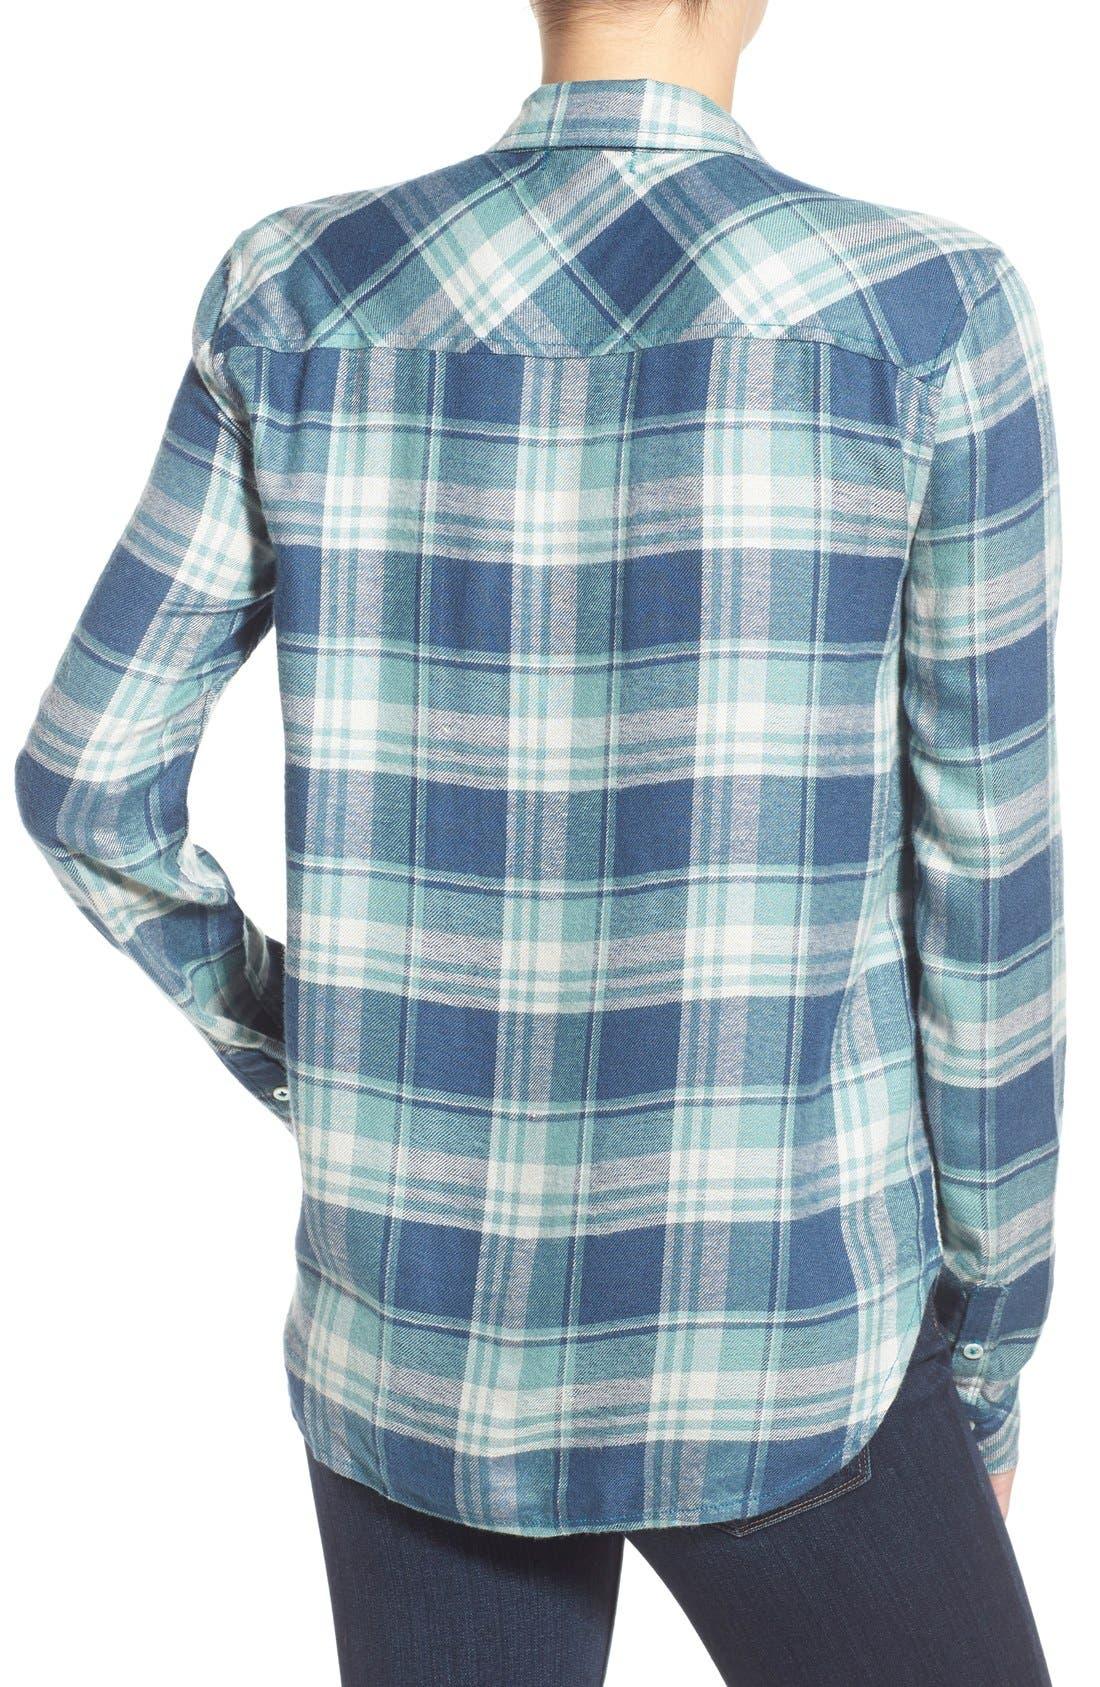 PAIGE,                             Denim 'Trudy' Plaid Shirt,                             Alternate thumbnail 4, color,                             423